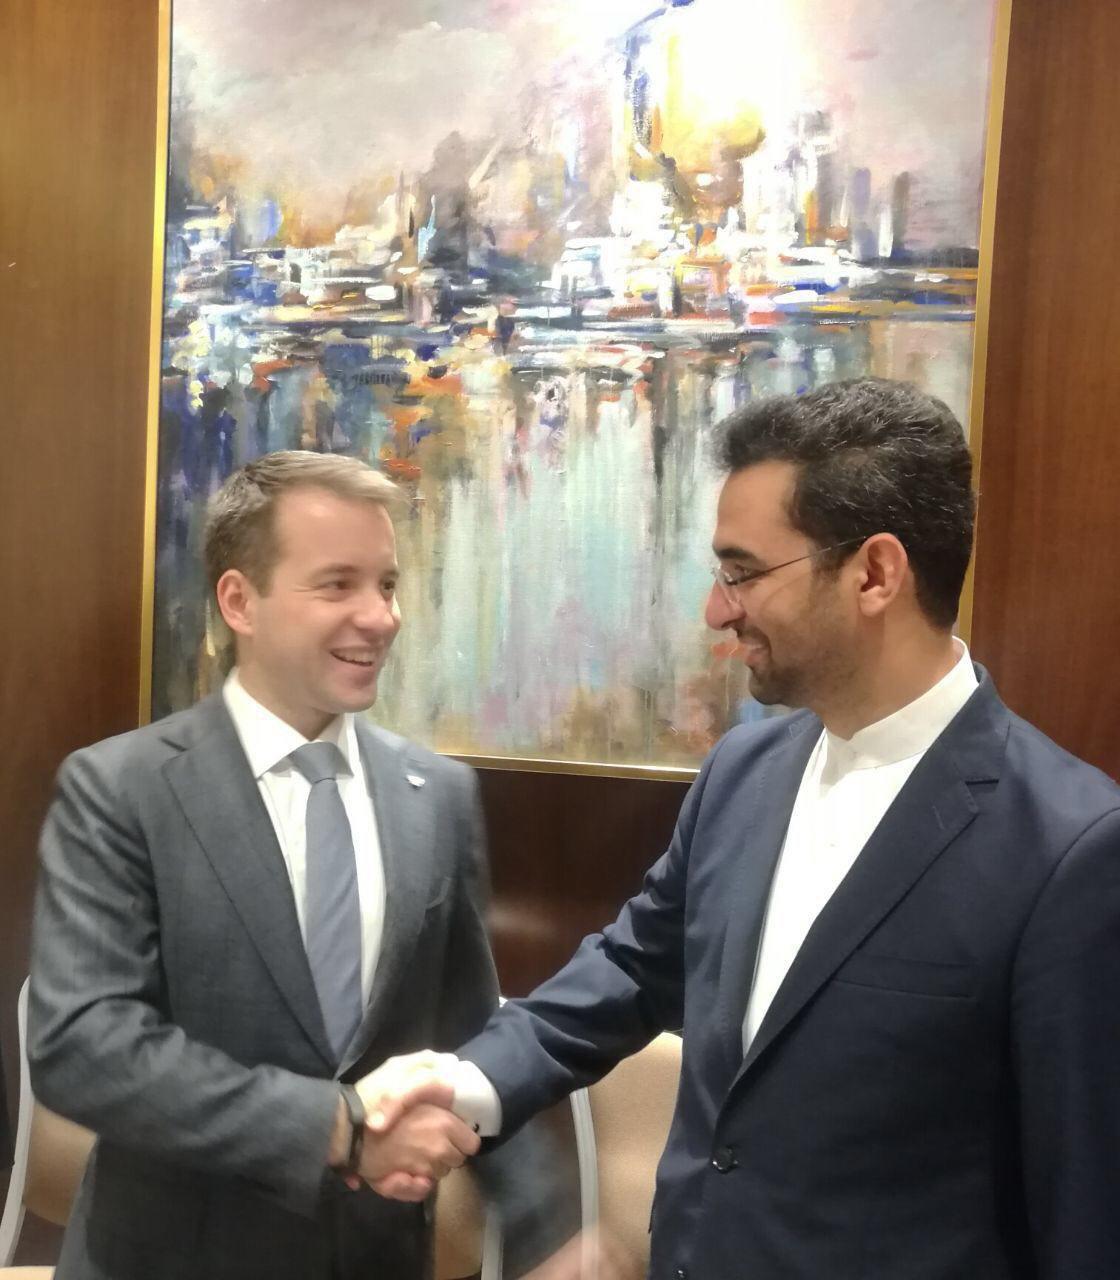 دیدار 2 وزیر جوان وزارت ارتباطات ایران و روسیه (عکس)